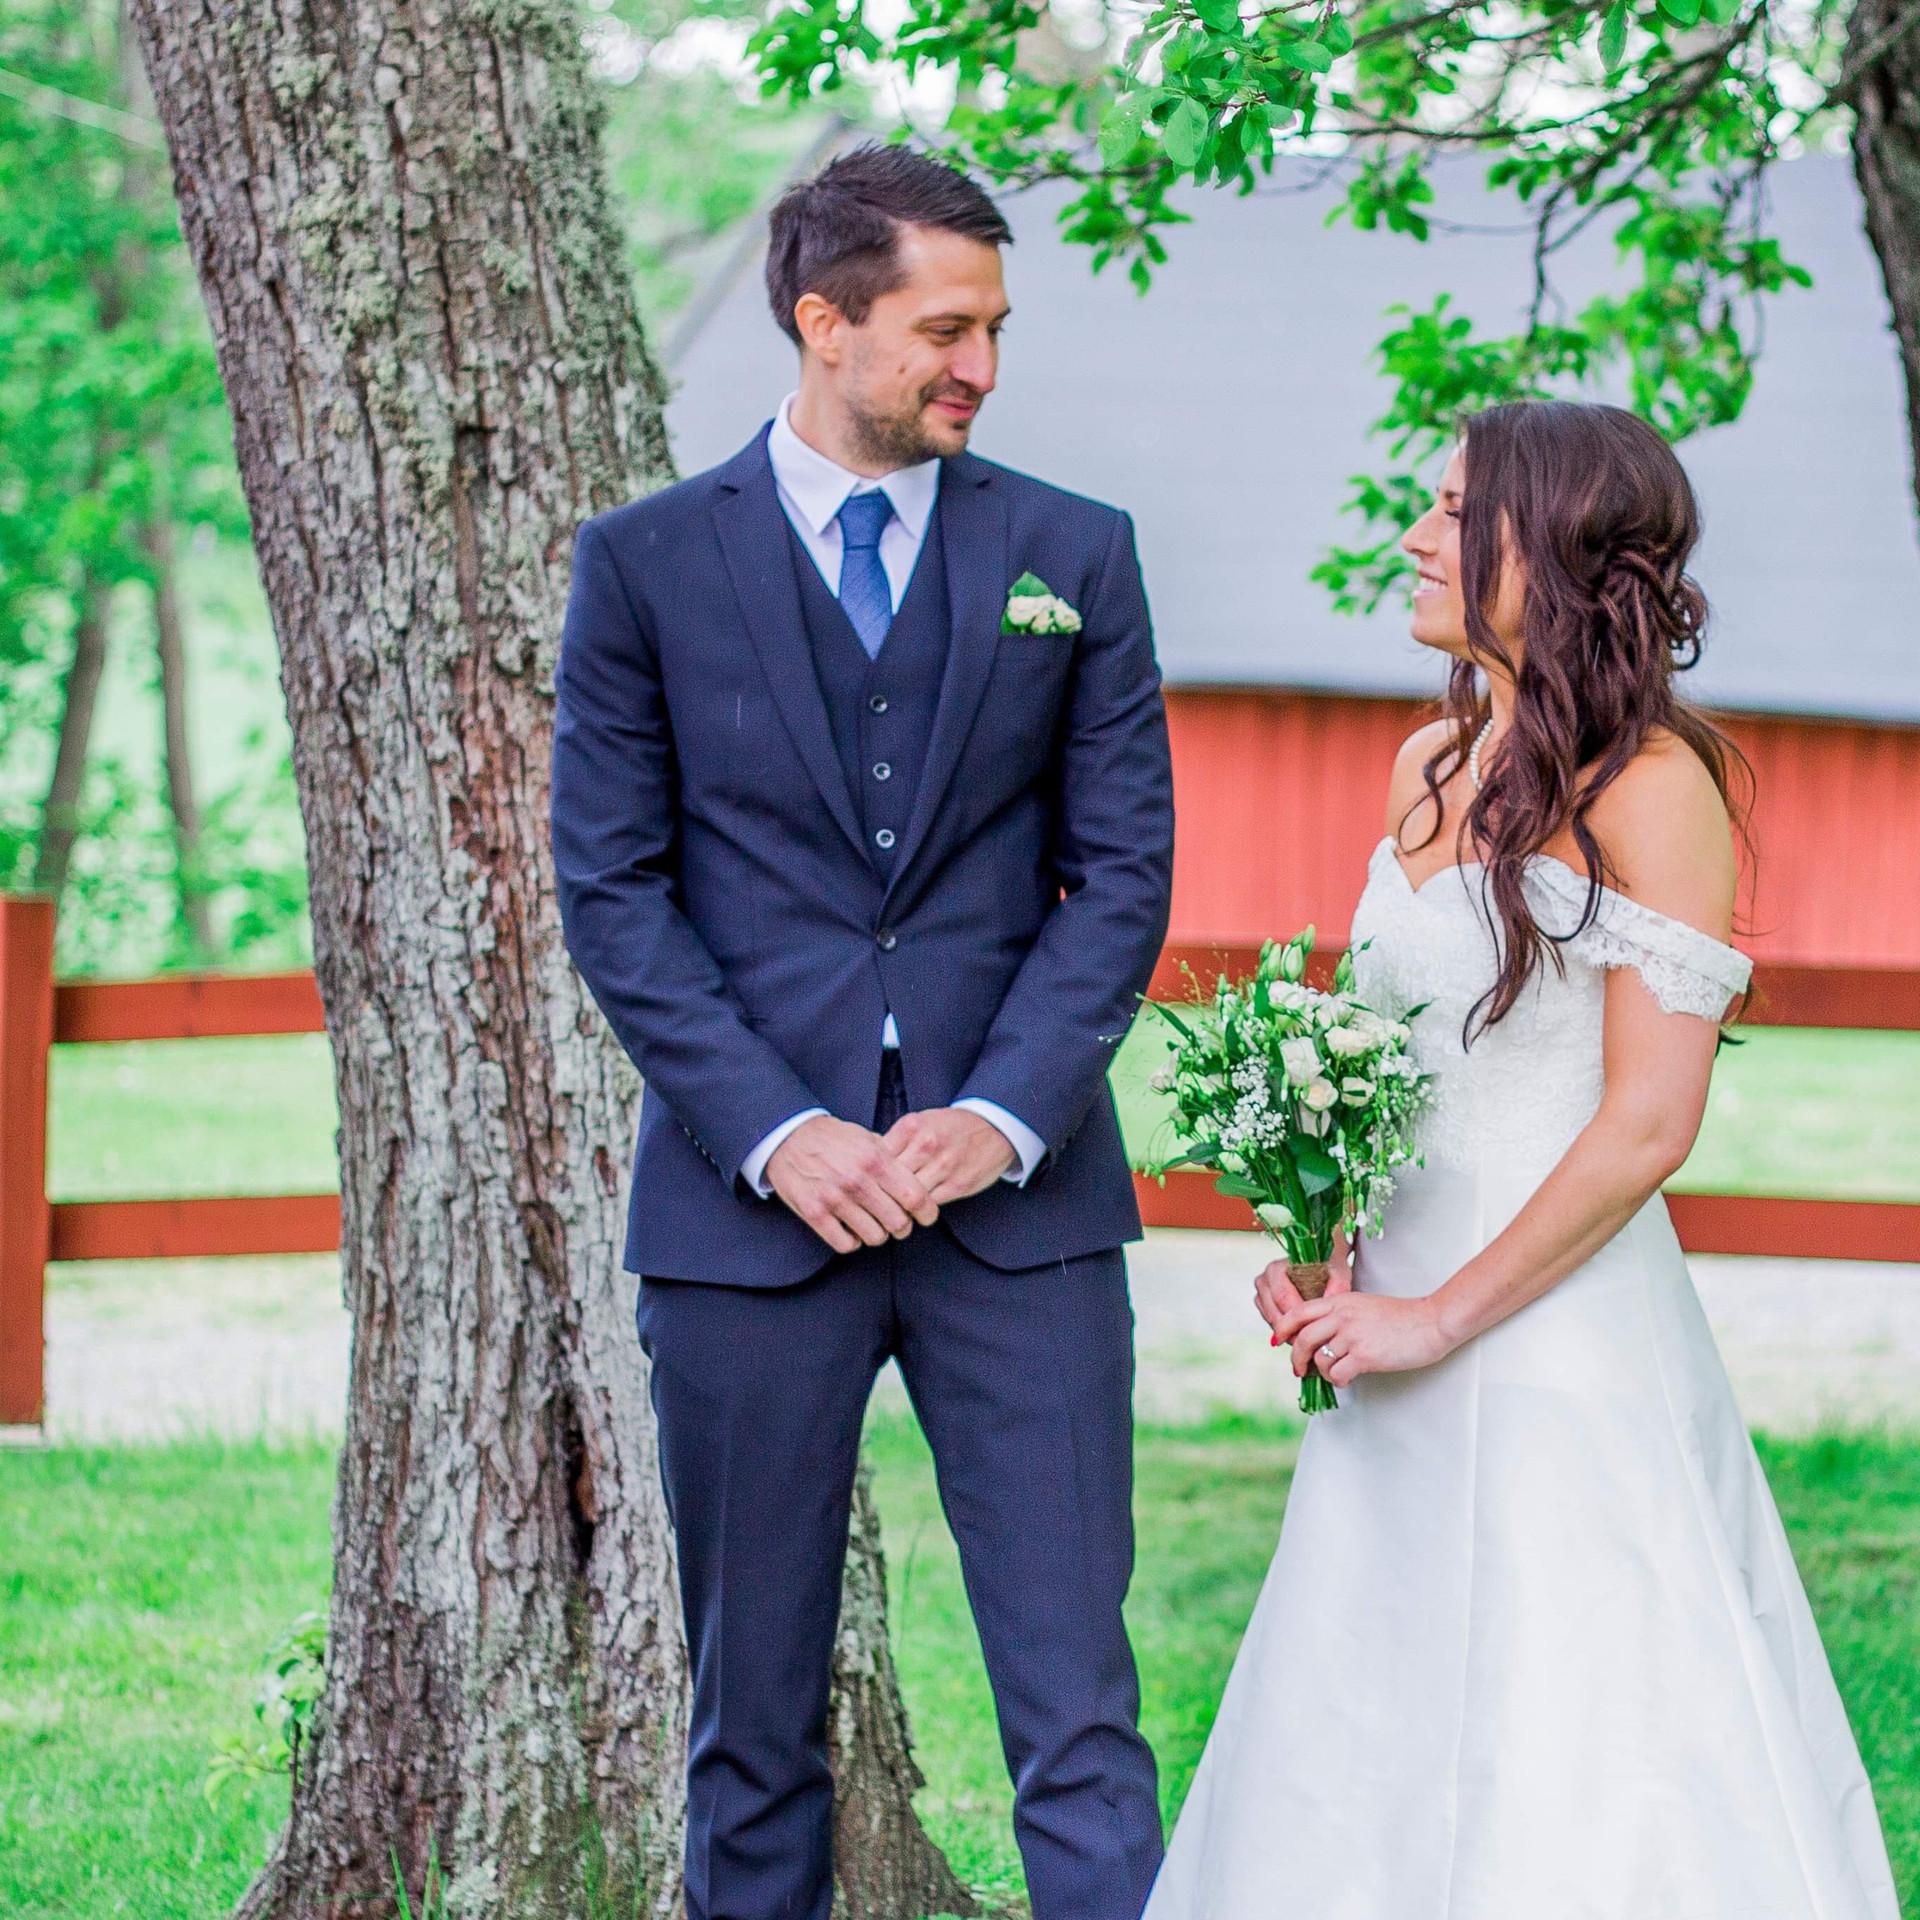 Bröllop_Gålö_Brudpar_Add_a_flower.JPG